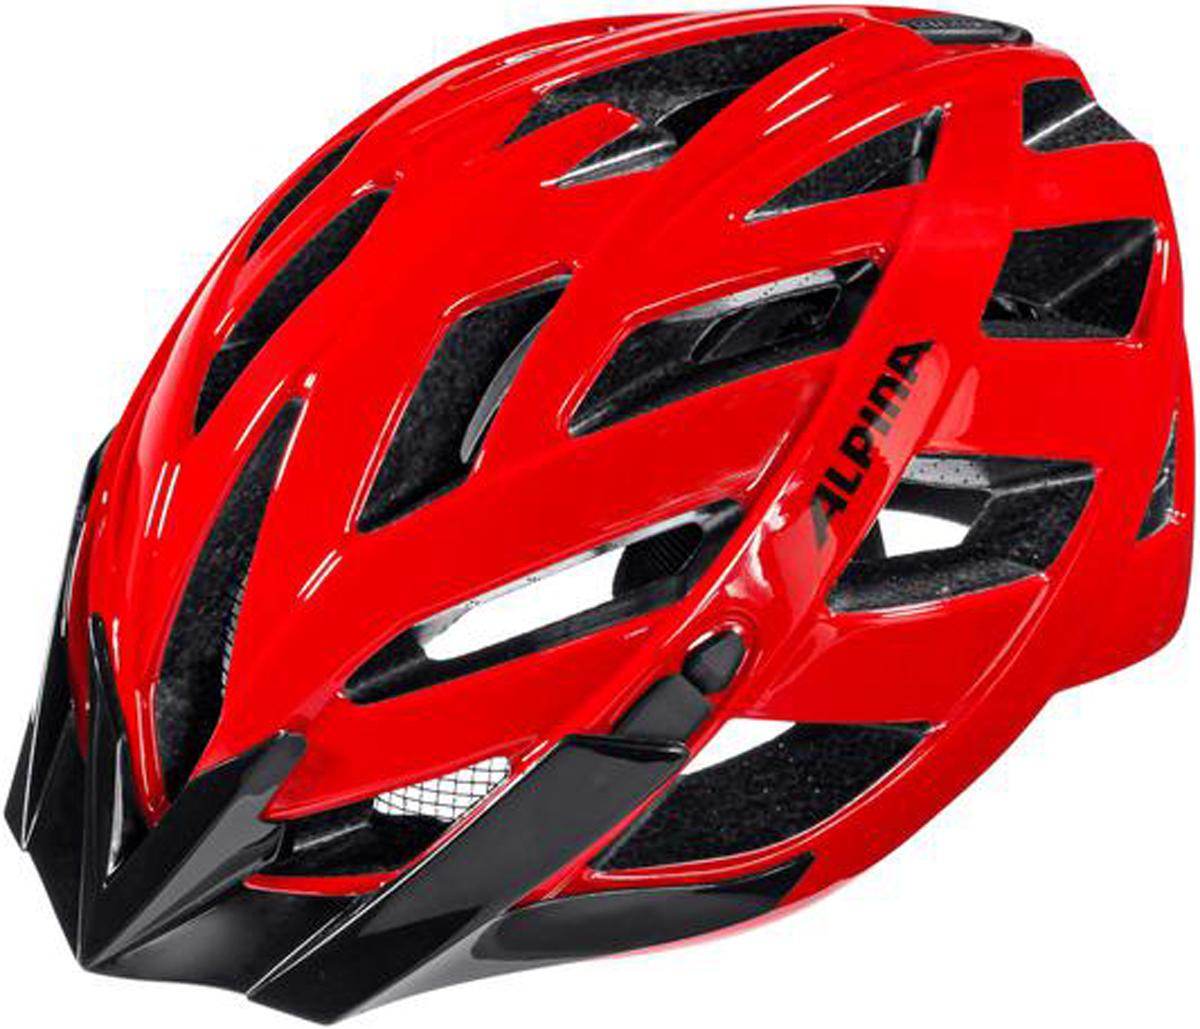 Велошлем Alpina Panoma Classic, цвет: красный. Размер 56-59 см